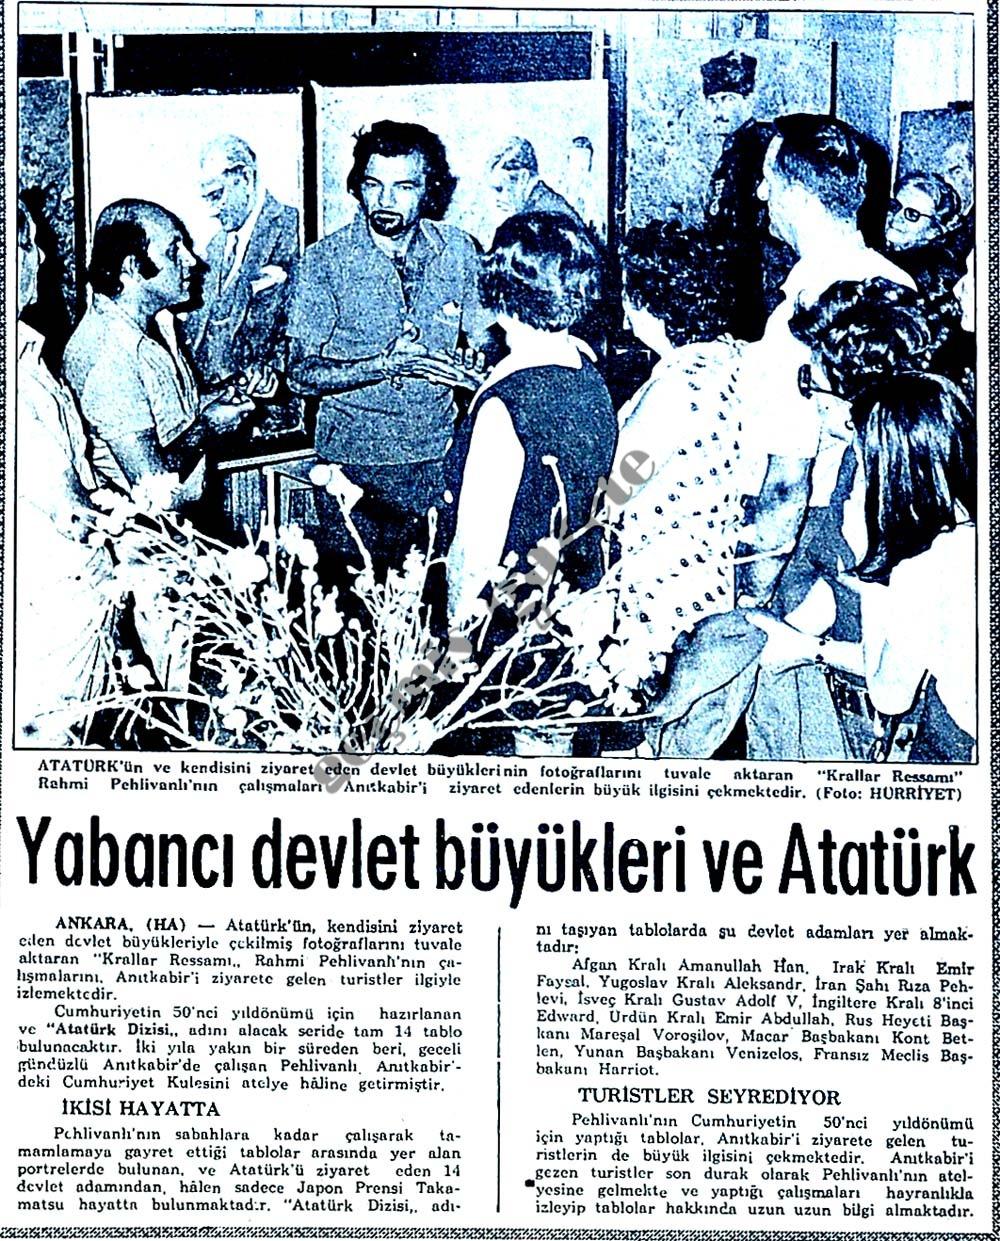 Yabancı devlet büyükleri ve Atatürk